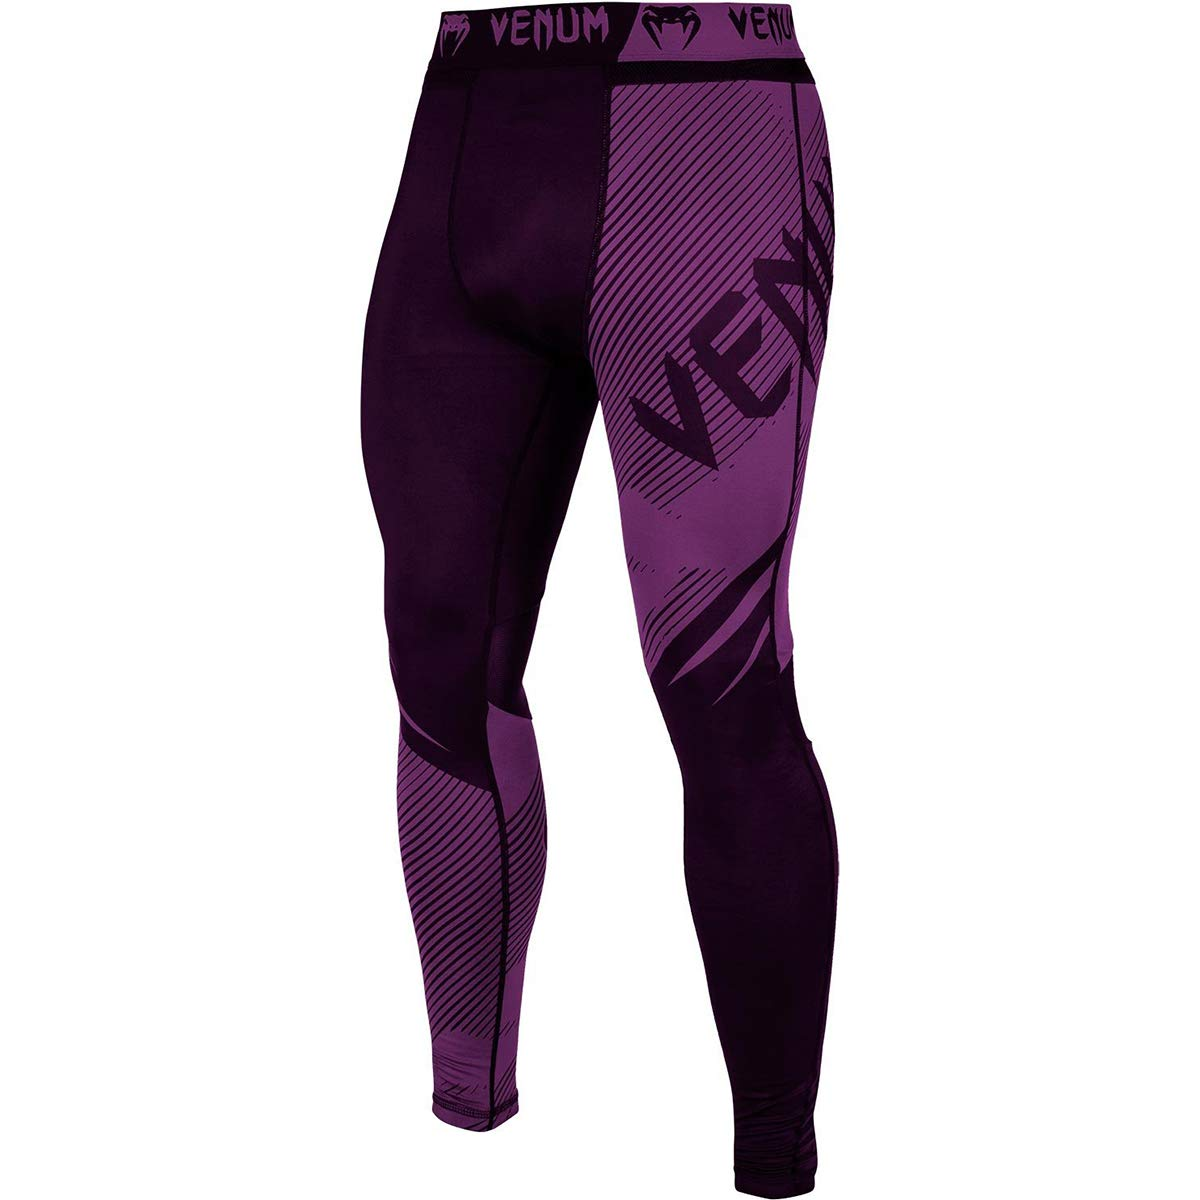 Venum No-Gi 2.0 MMA Compression Spats - Small - Black/Purple by Venum